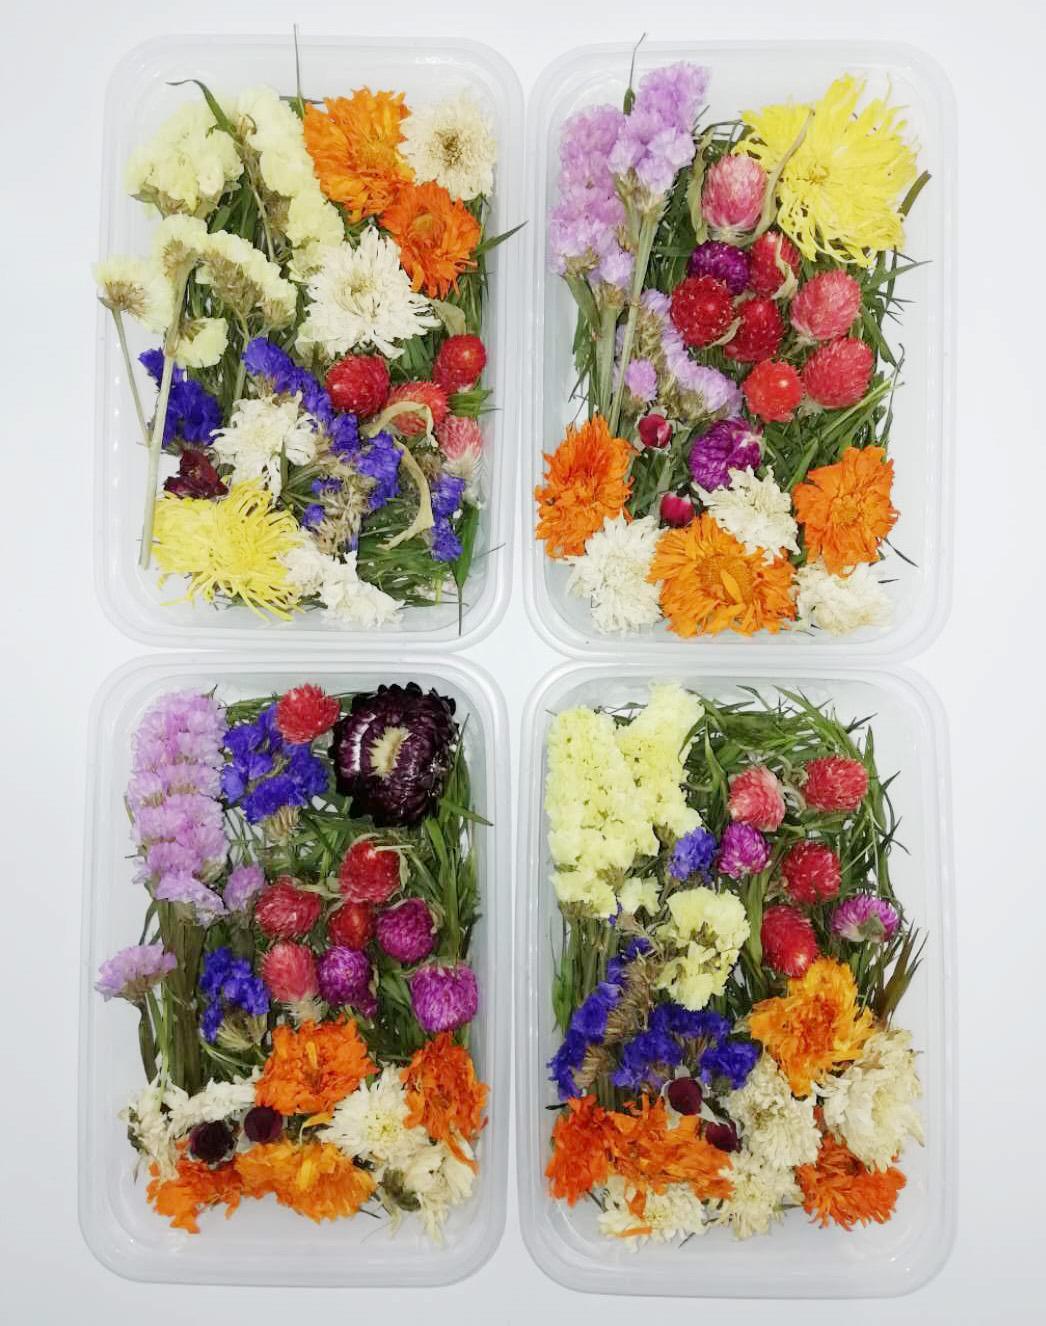 1 Kutu 30g Kurutulmuş Çiçek Gerçek Kuru Bitkiler Aromaterapi Mum Craft DIY Aksesuarları Yapımı İçin Çiçek Preslenmiş